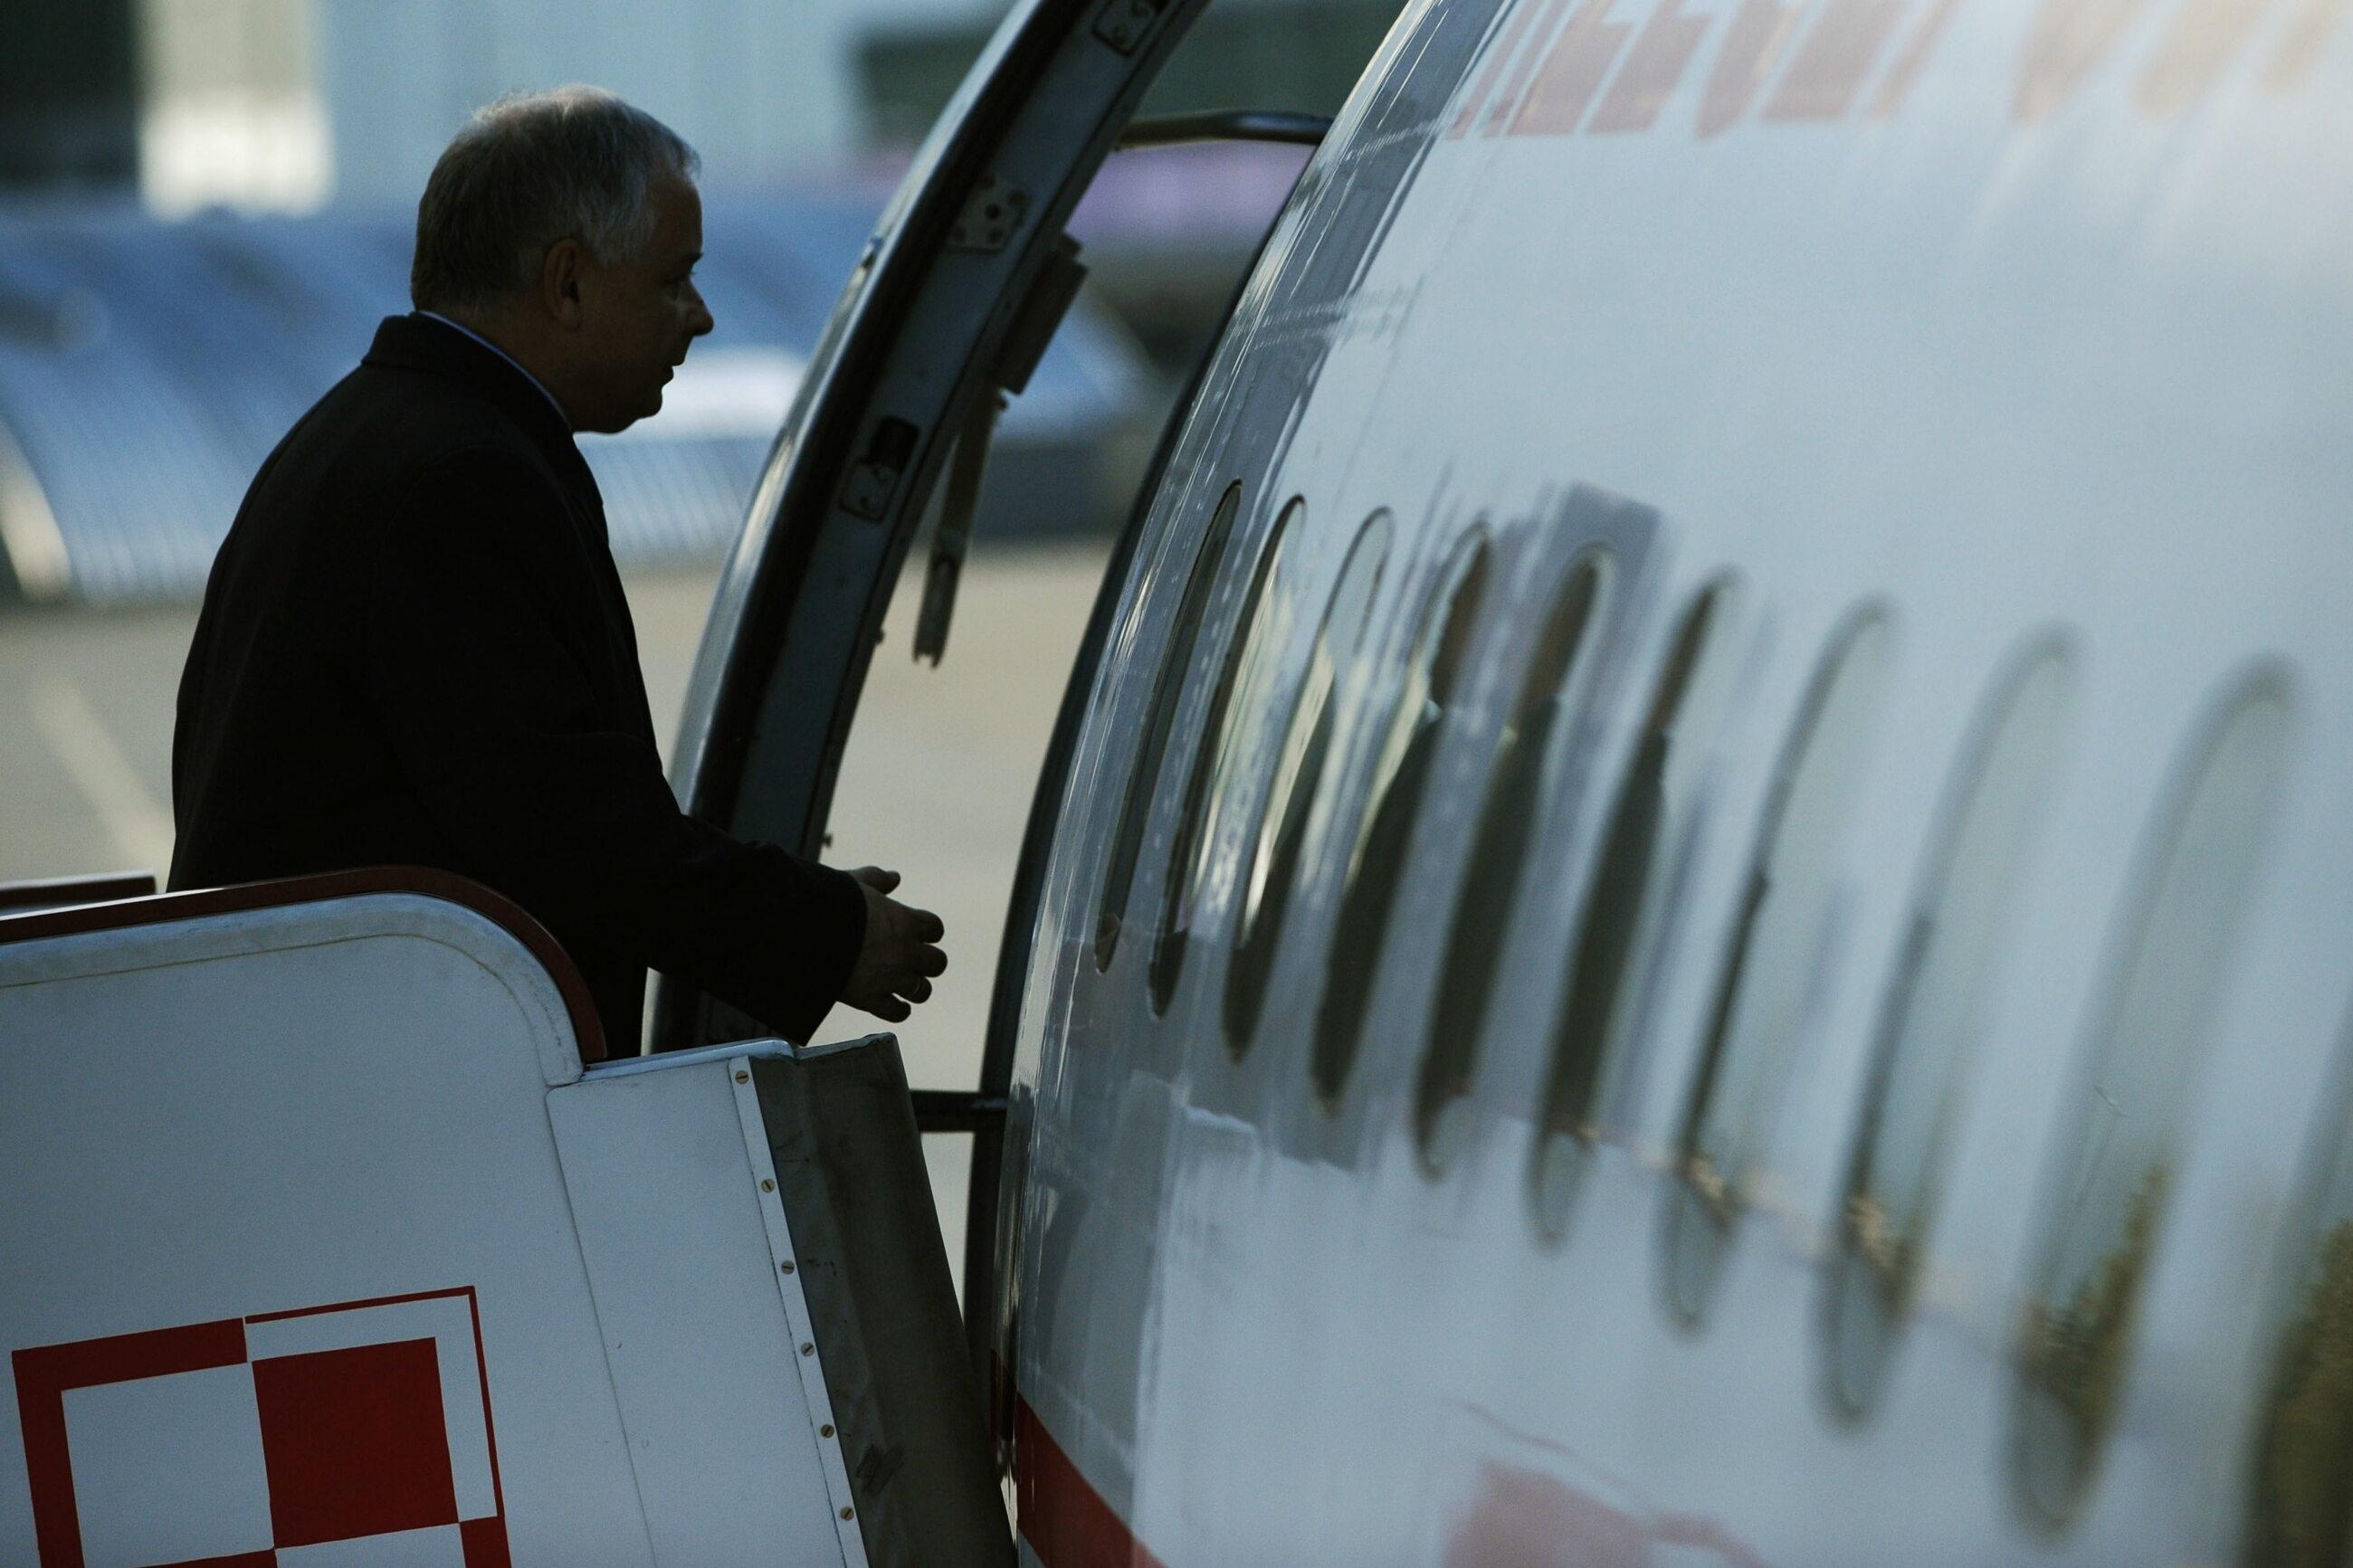 śp. Lech Kaczyński, prezydent RP